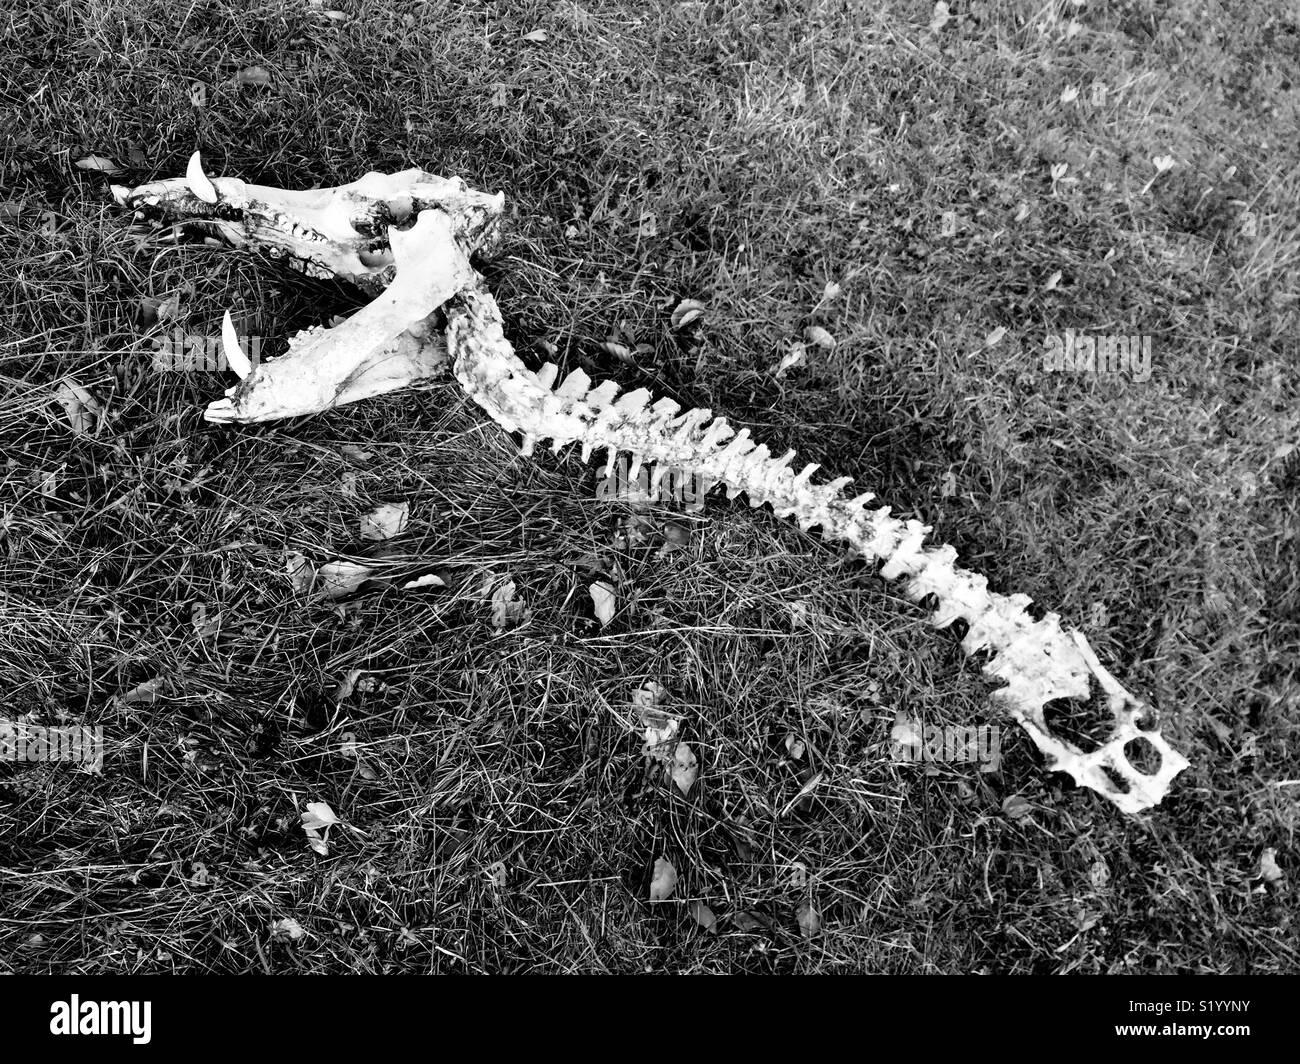 Tier Skelett tot Tod Konzept Wildschwein Räuber Beute Wirbelsäule Kopf Anatomie Wirbelsäule Schädel Knochen Zähne Stockfoto